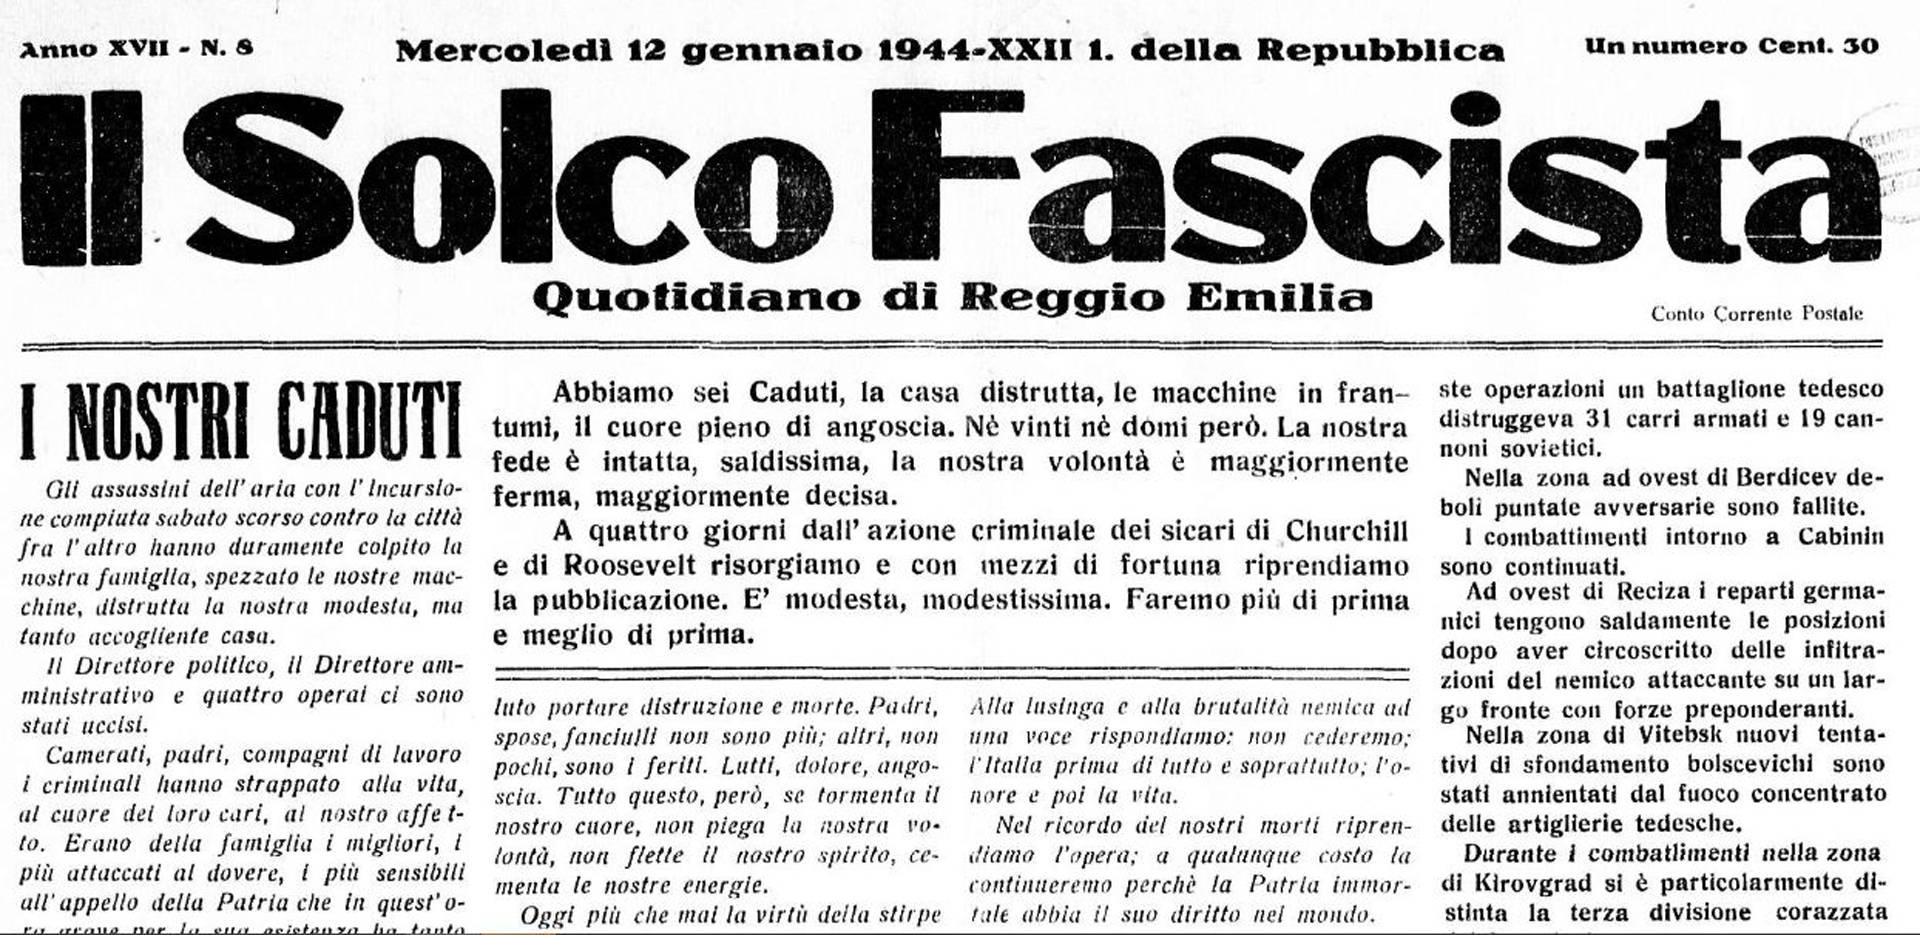 il solco fascista